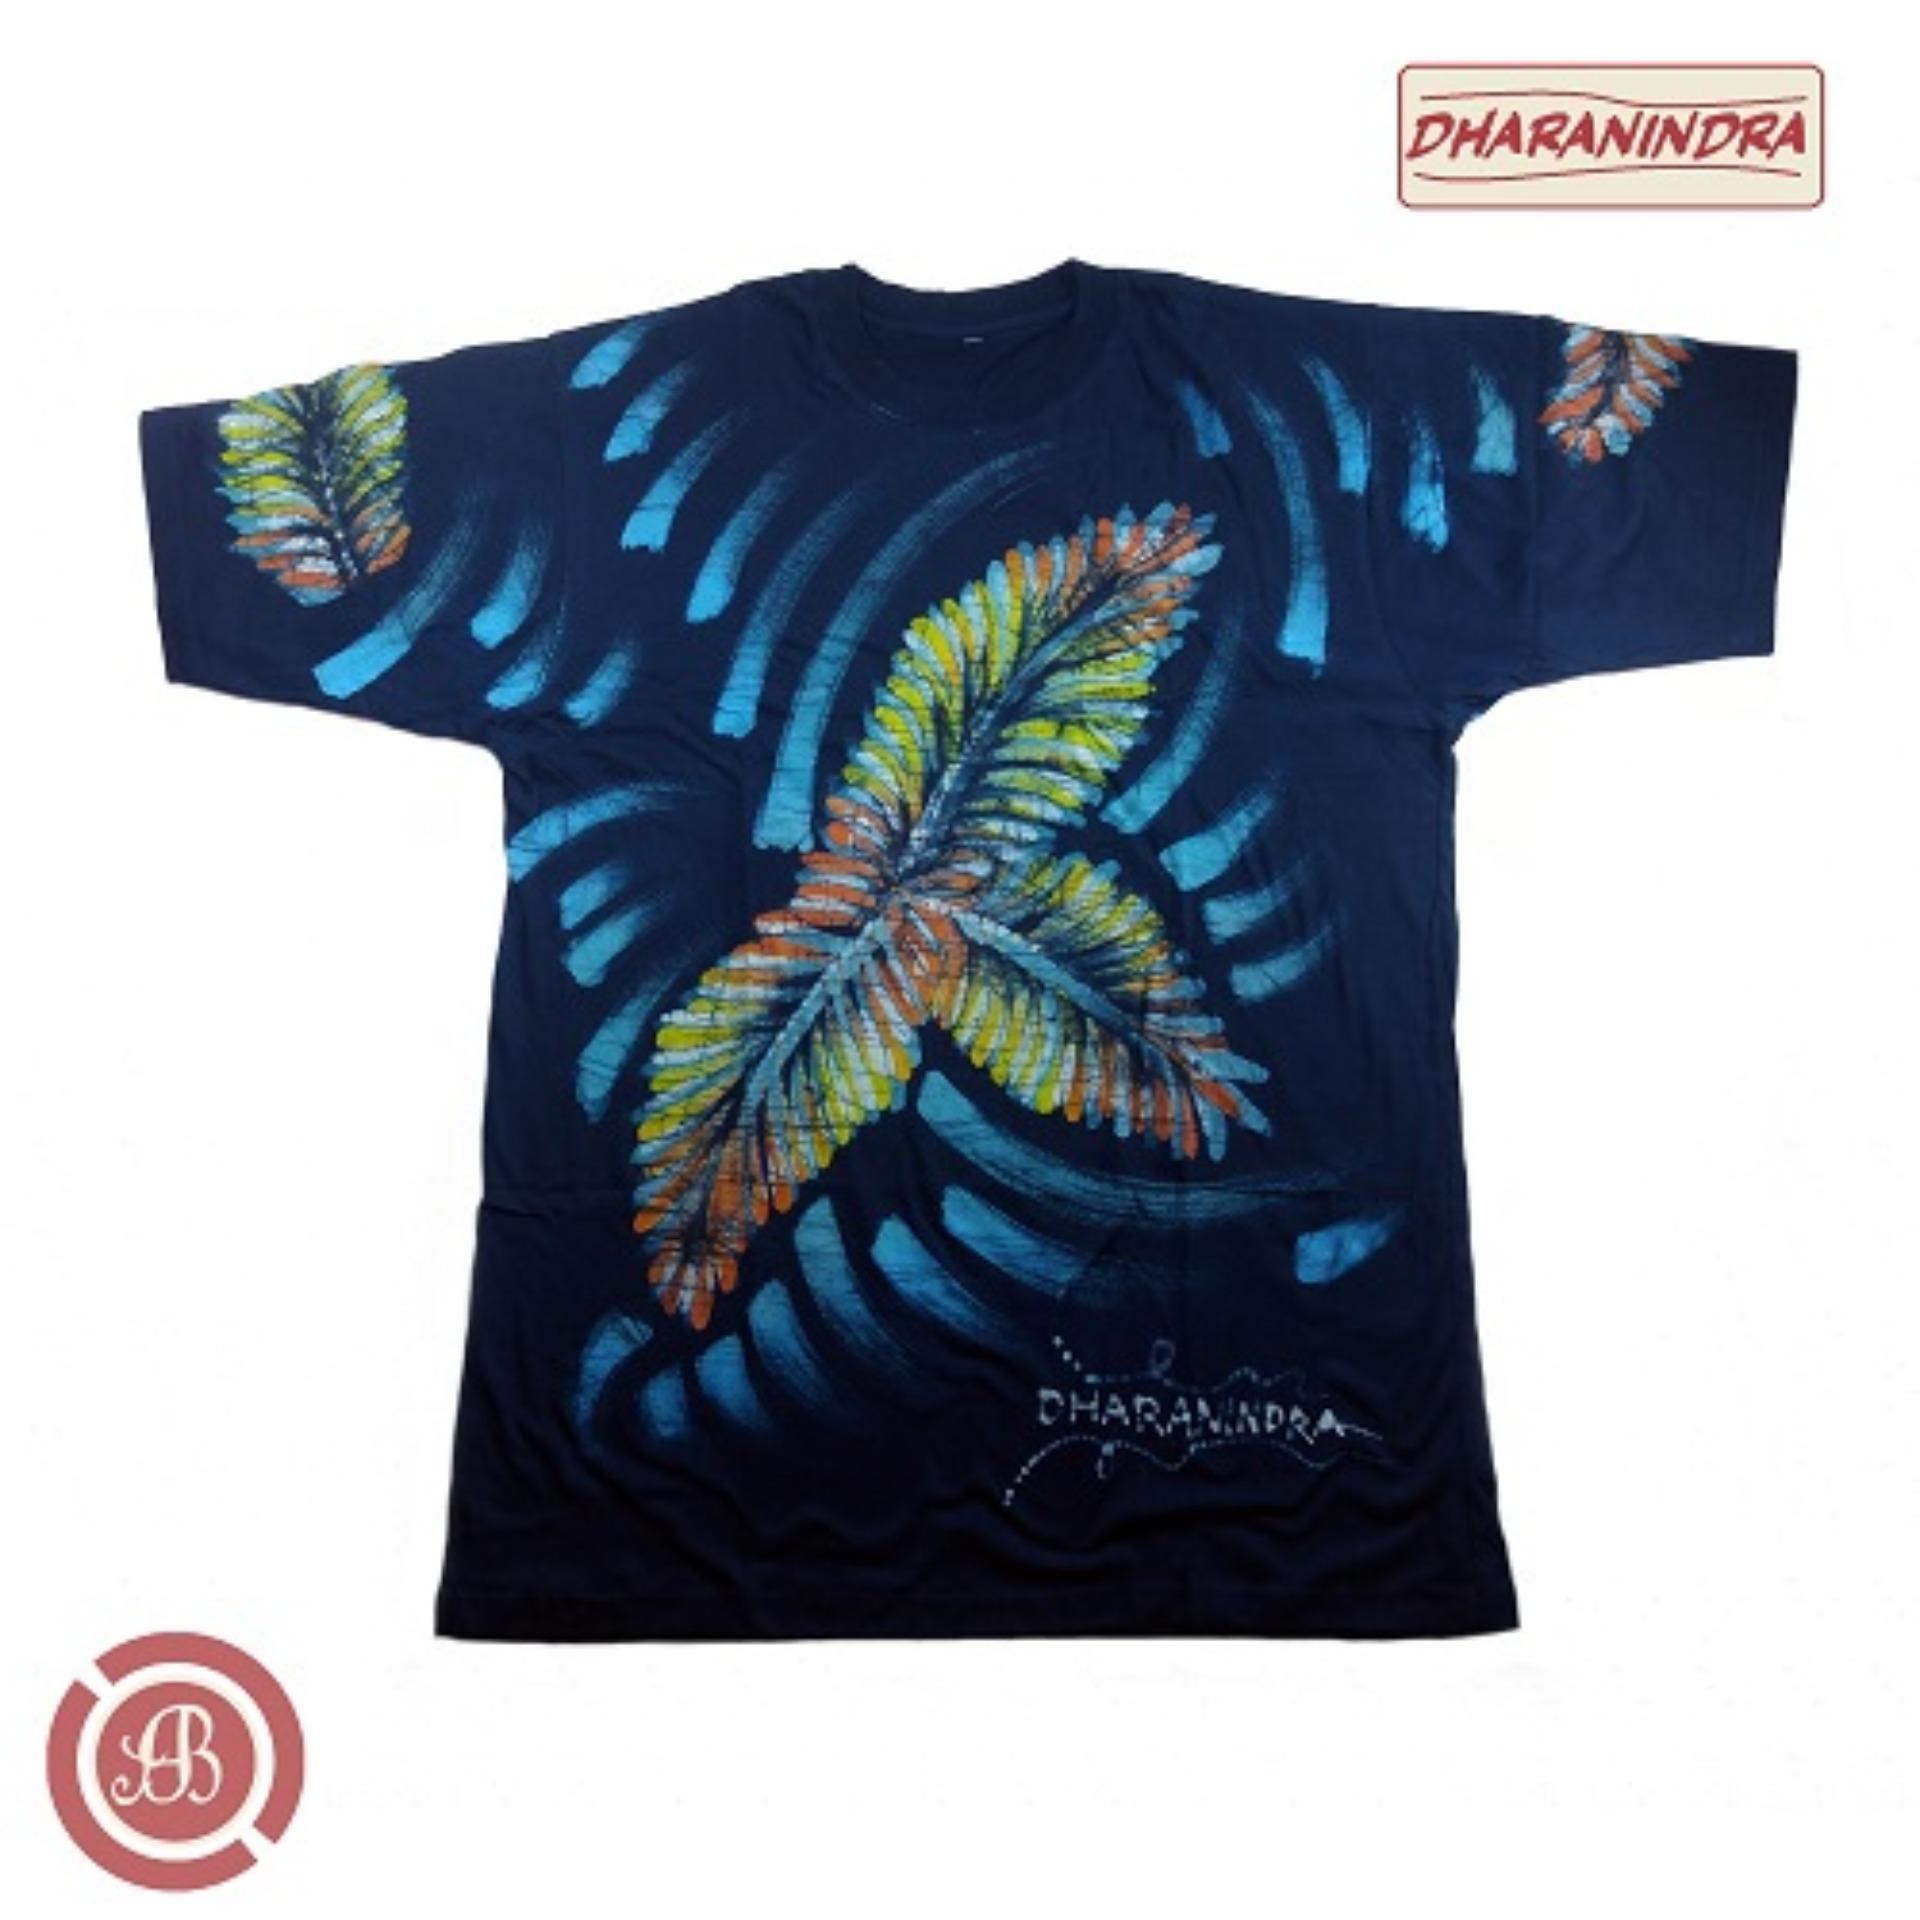 Dharanindra - [ Biru Dongker ] - Kaos Abstrak Batik Tulis Asli [ 100% Hand